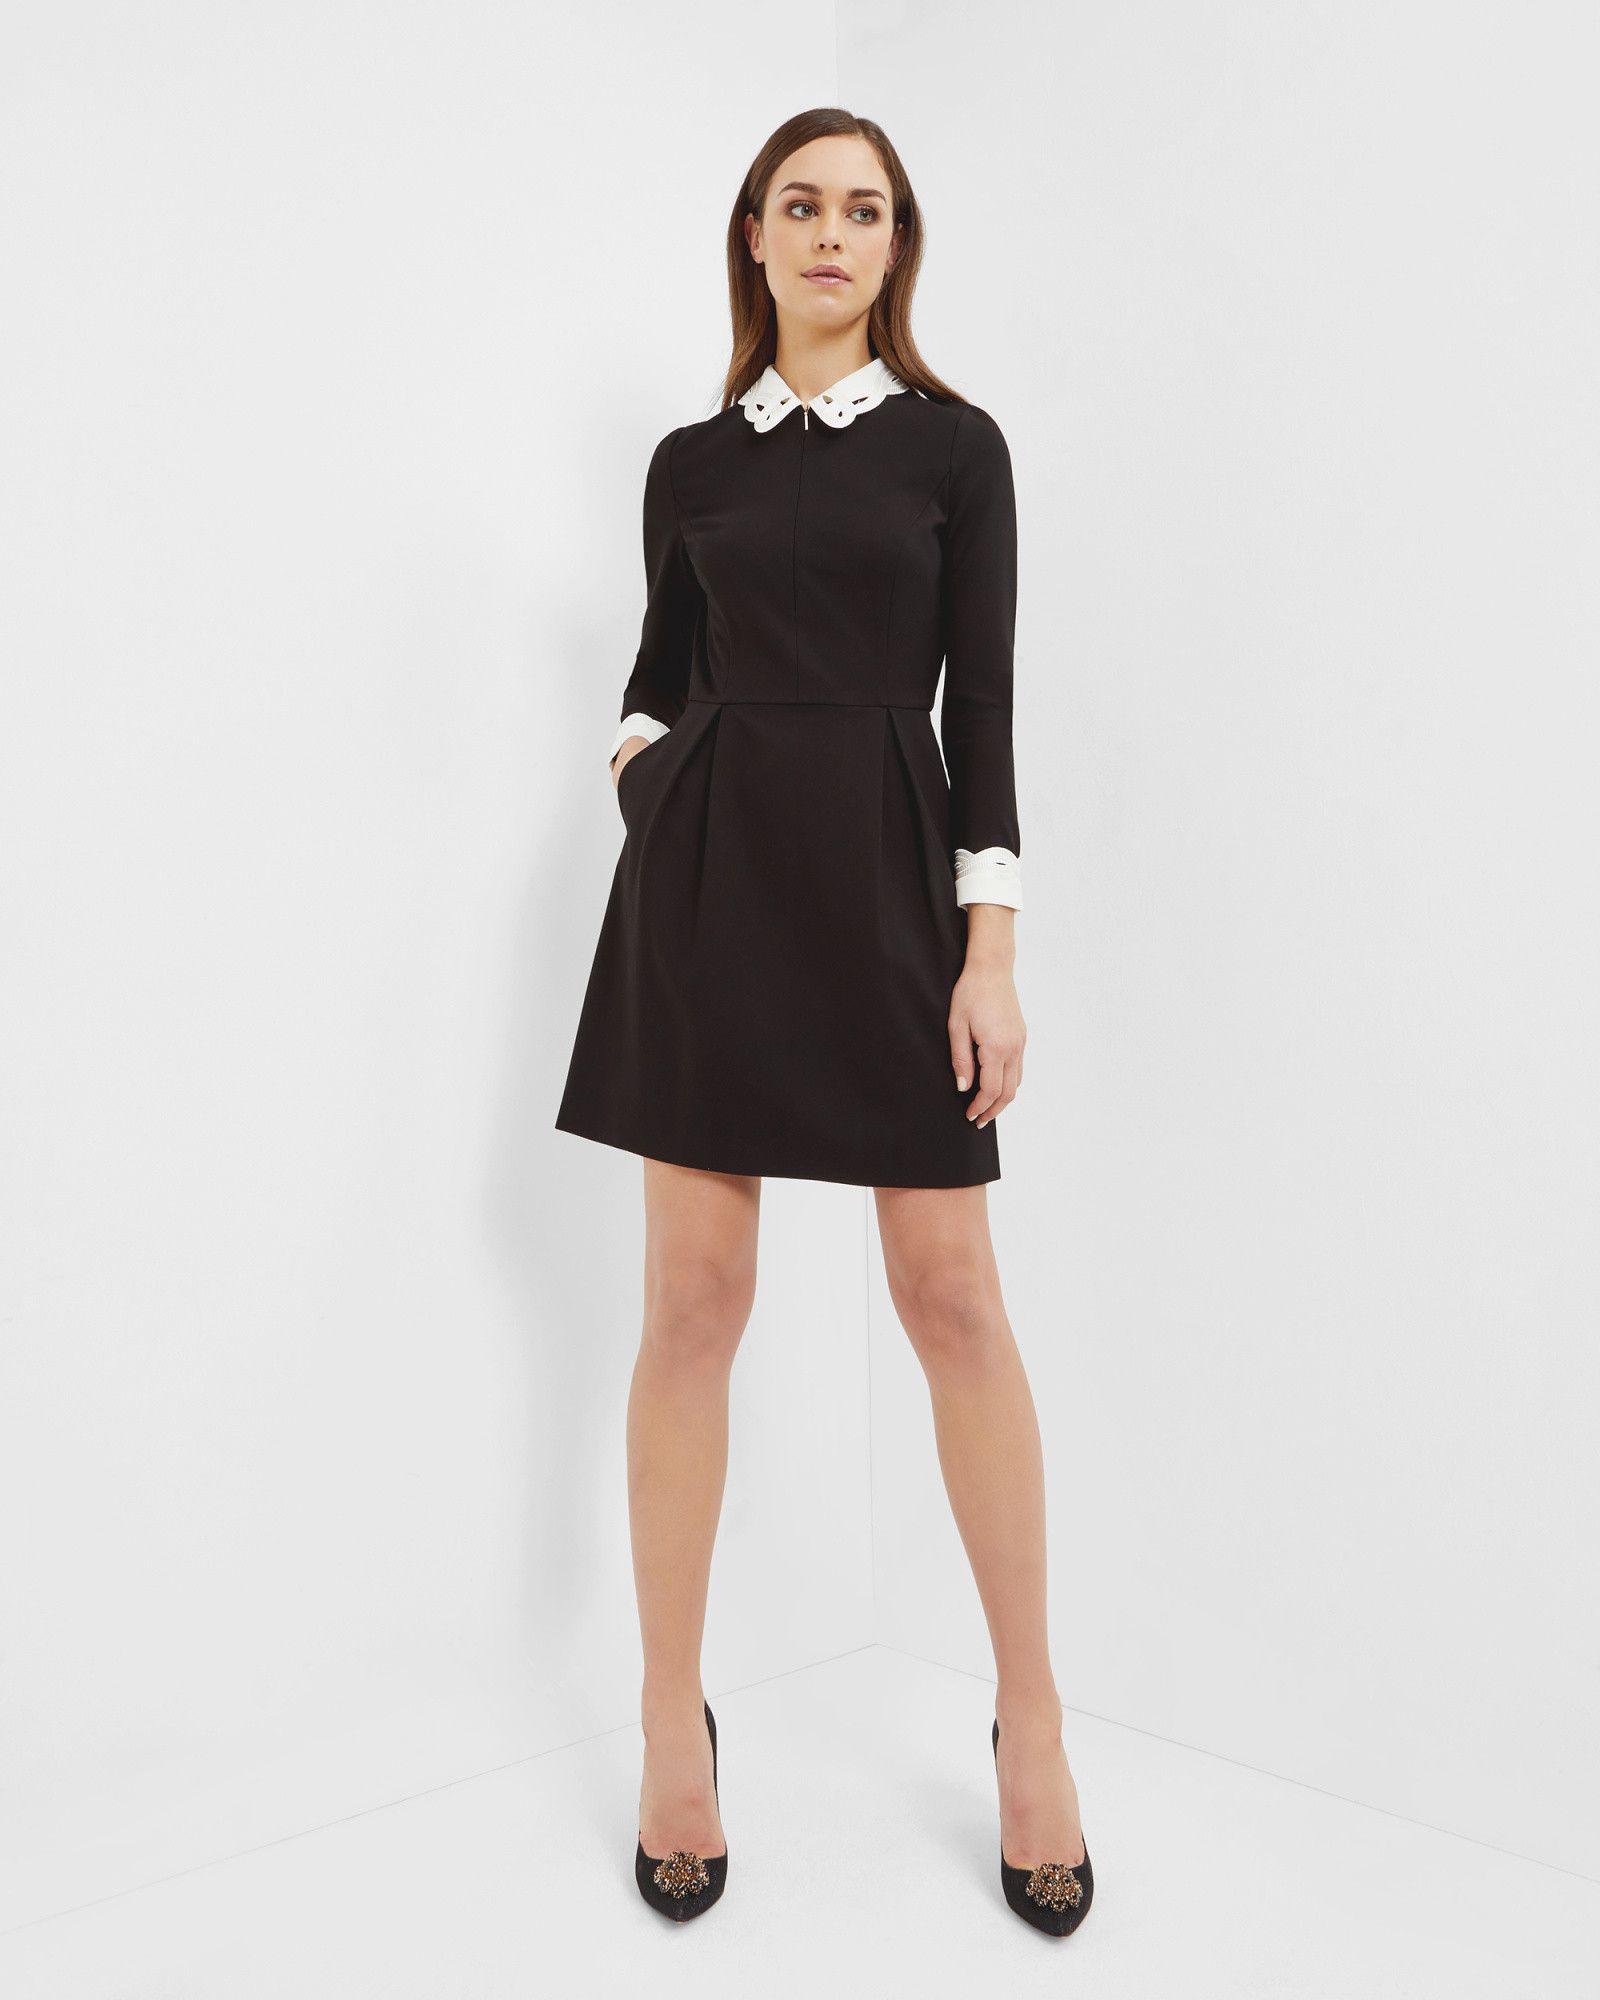 e6bdda38cb19c8 Embroidered collared dress - Black